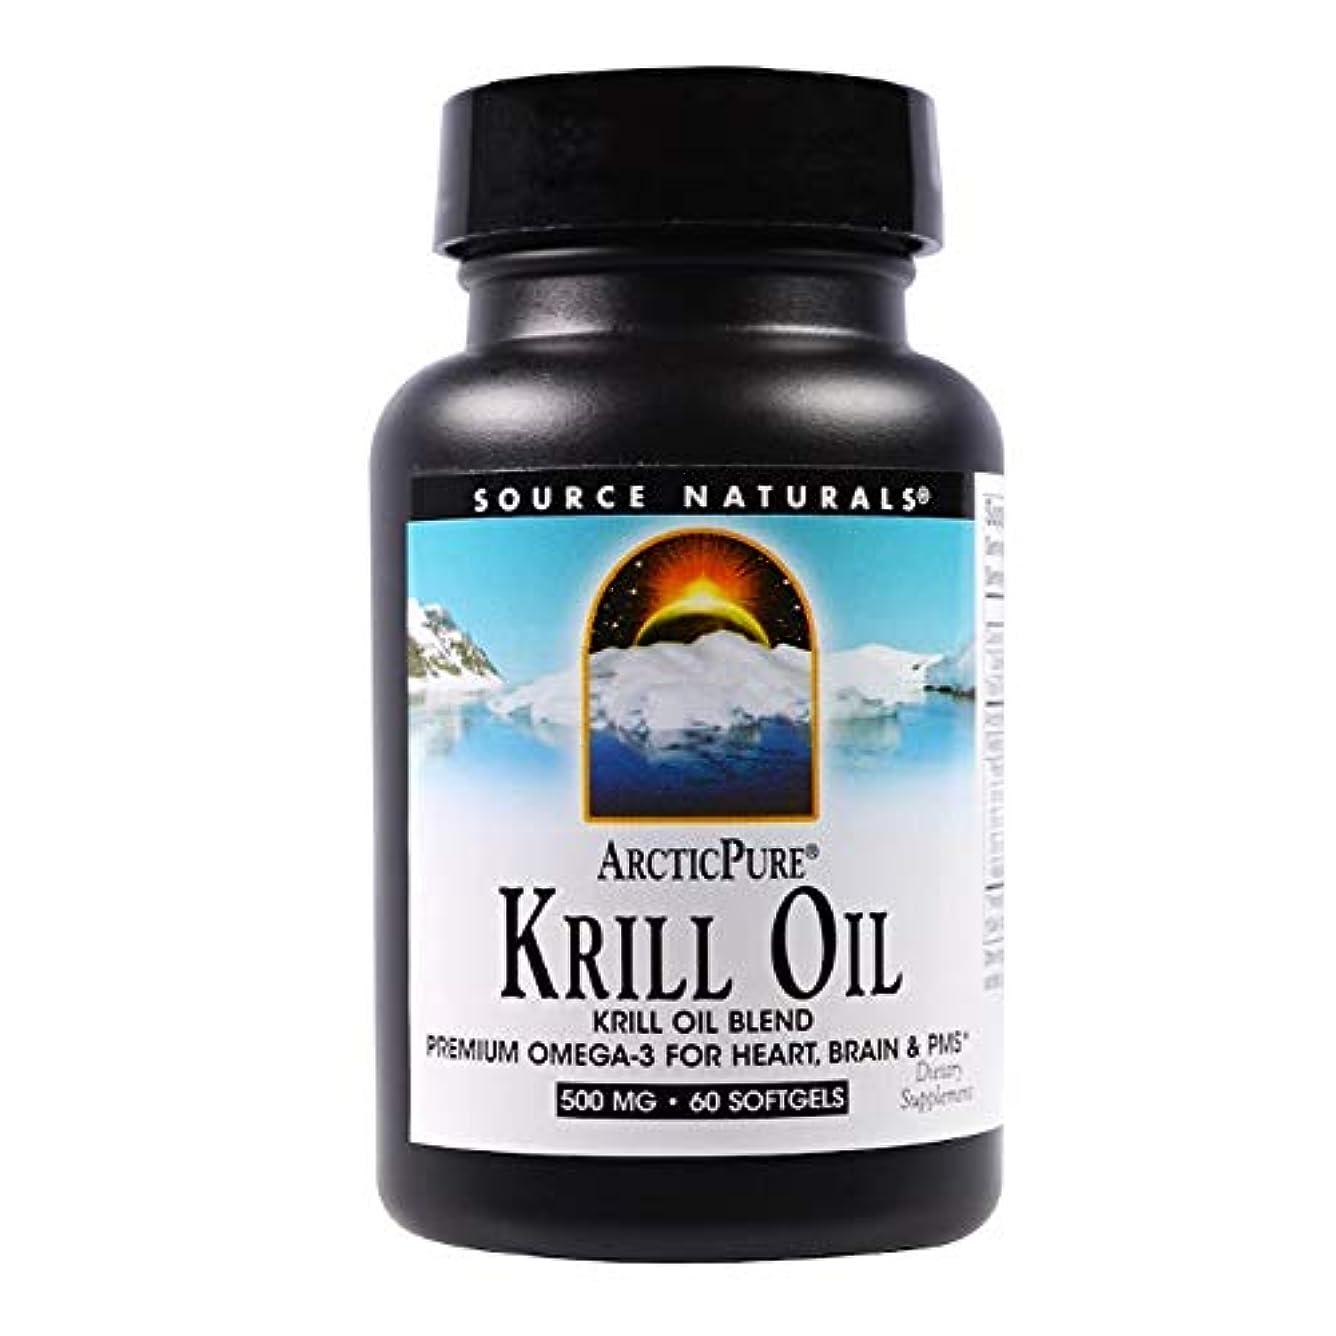 環境保護主義者たぶん米ドルSource Naturals ArcticPure クリルオイル 500 mg 60ソフトカプセル 【アメリカ直送】